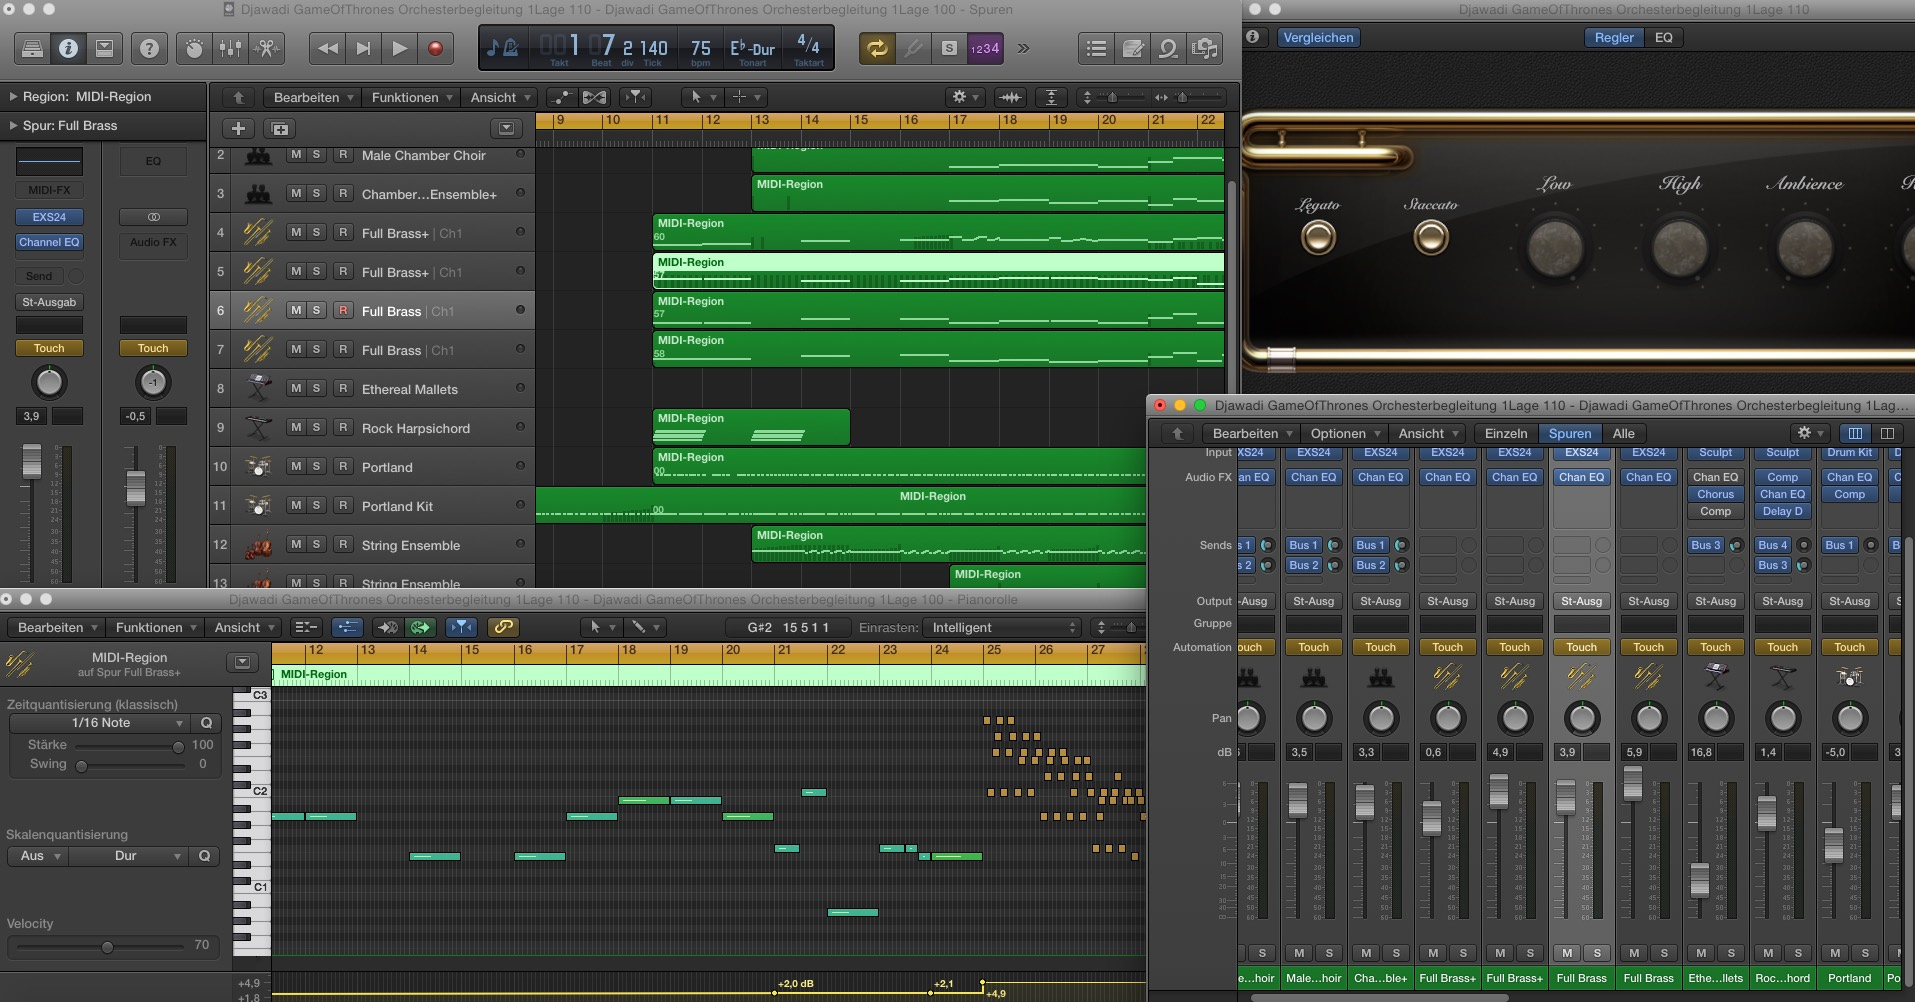 Hier ein Bildschirmfoto von meinem Audiobearbeitungsbereich